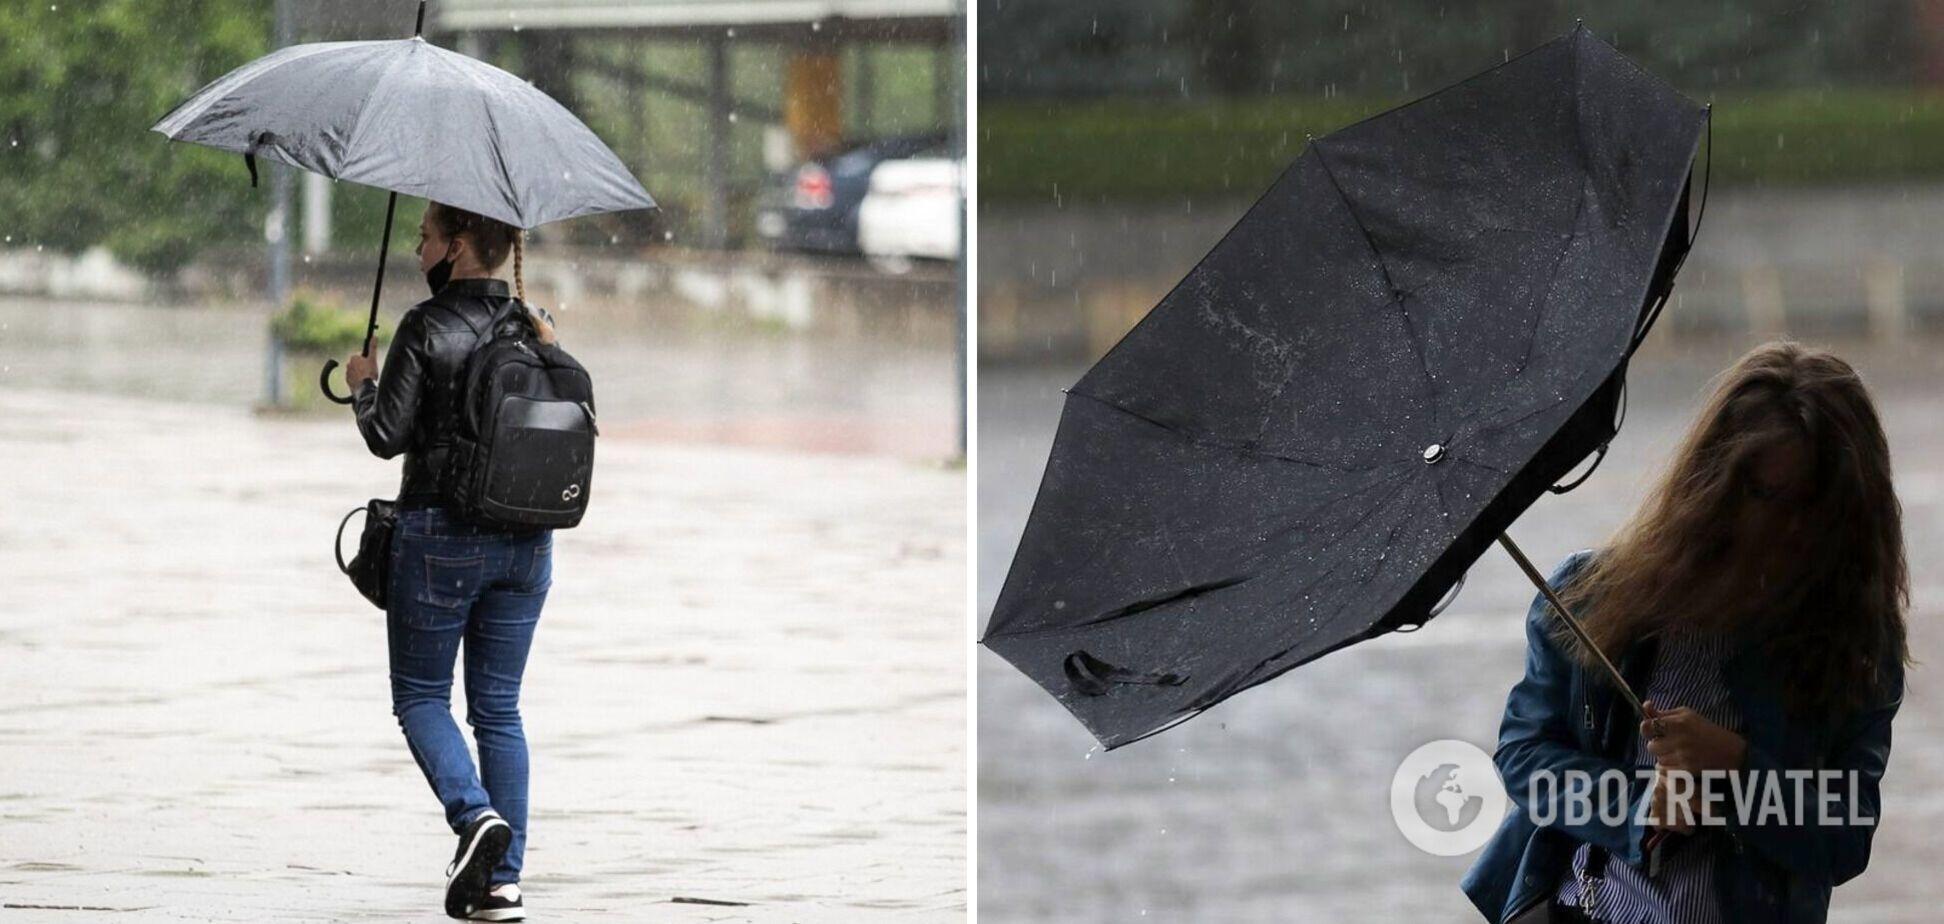 В Украину снова вернутся дожди с грозами: синоптик уточнила прогноз на понедельник